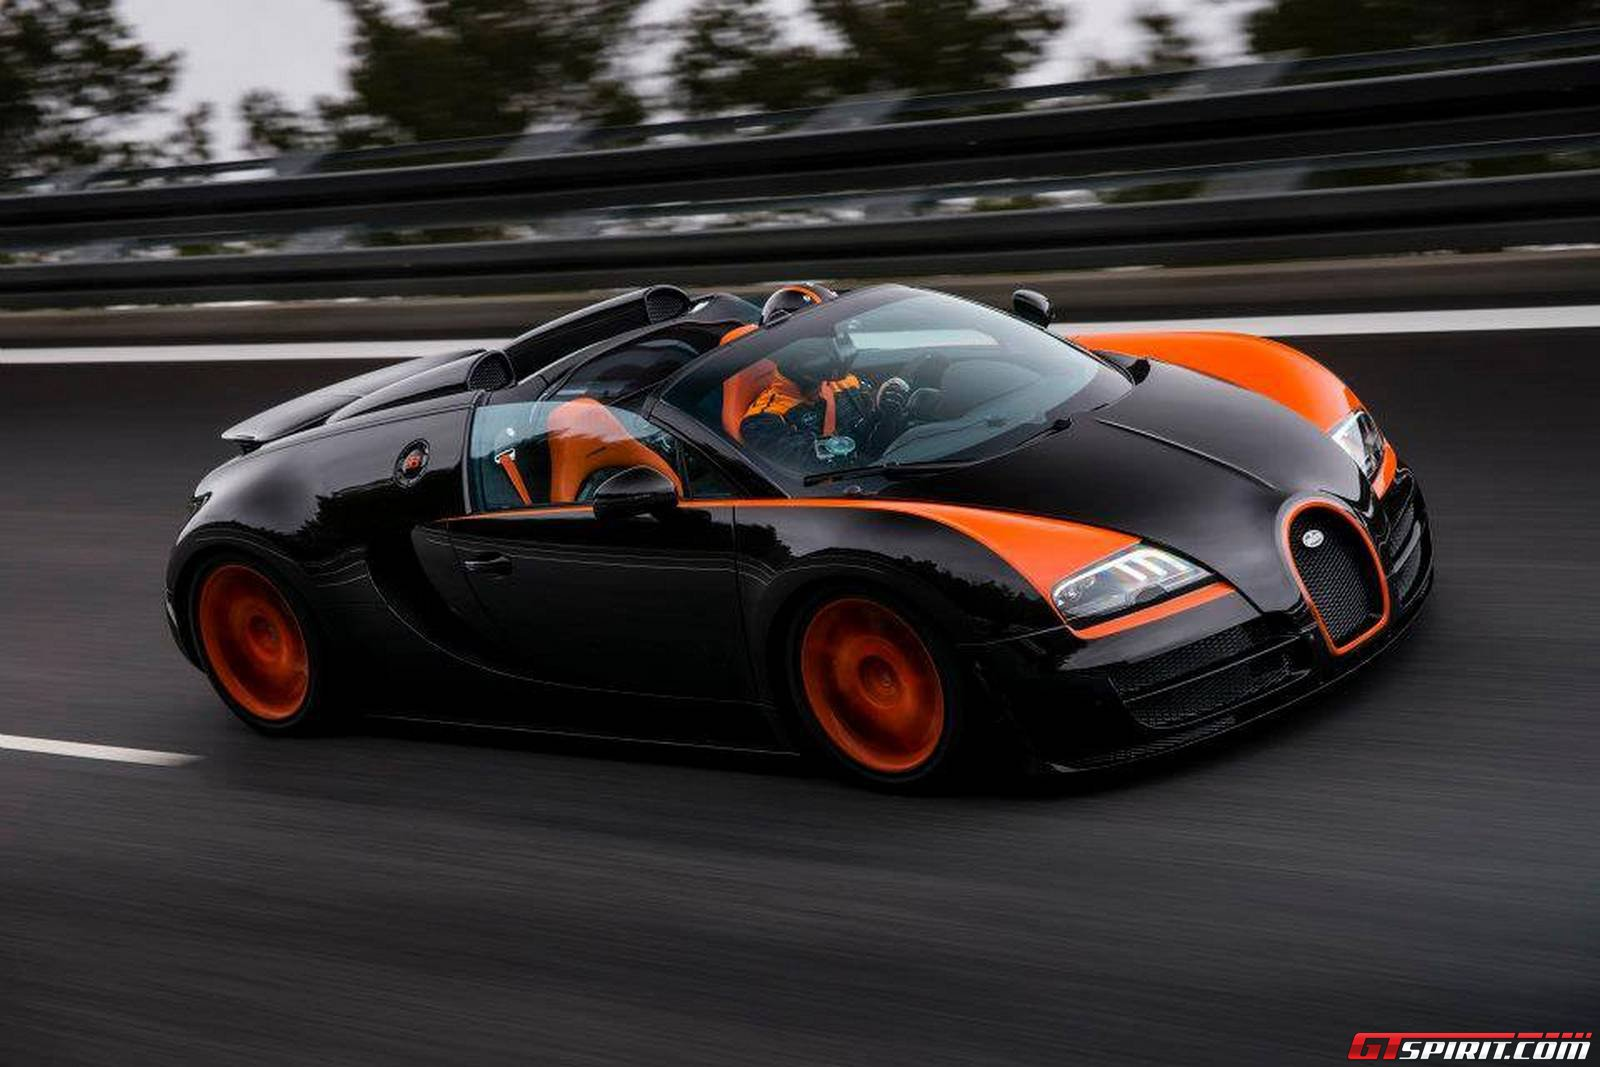 Những khoảnh khắc đáng nhớ nhất của Bugatti trong năm qua 4